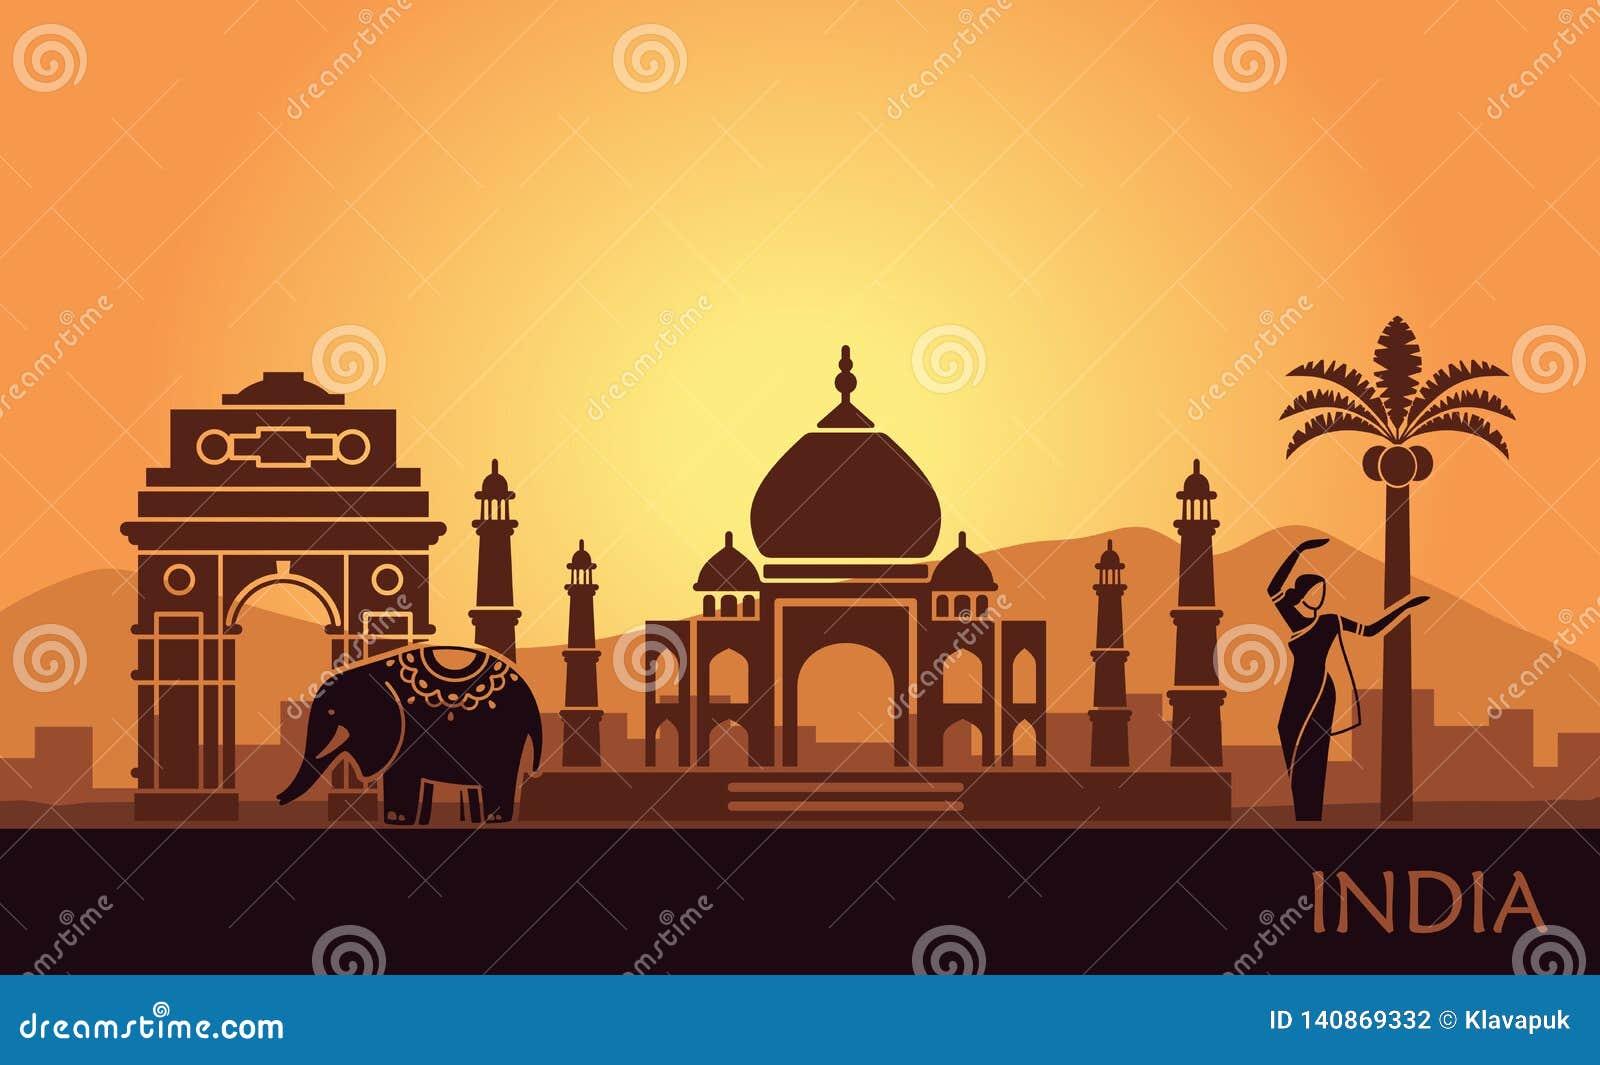 Abstract landschap met de gezichten van India en een dansende vrouw